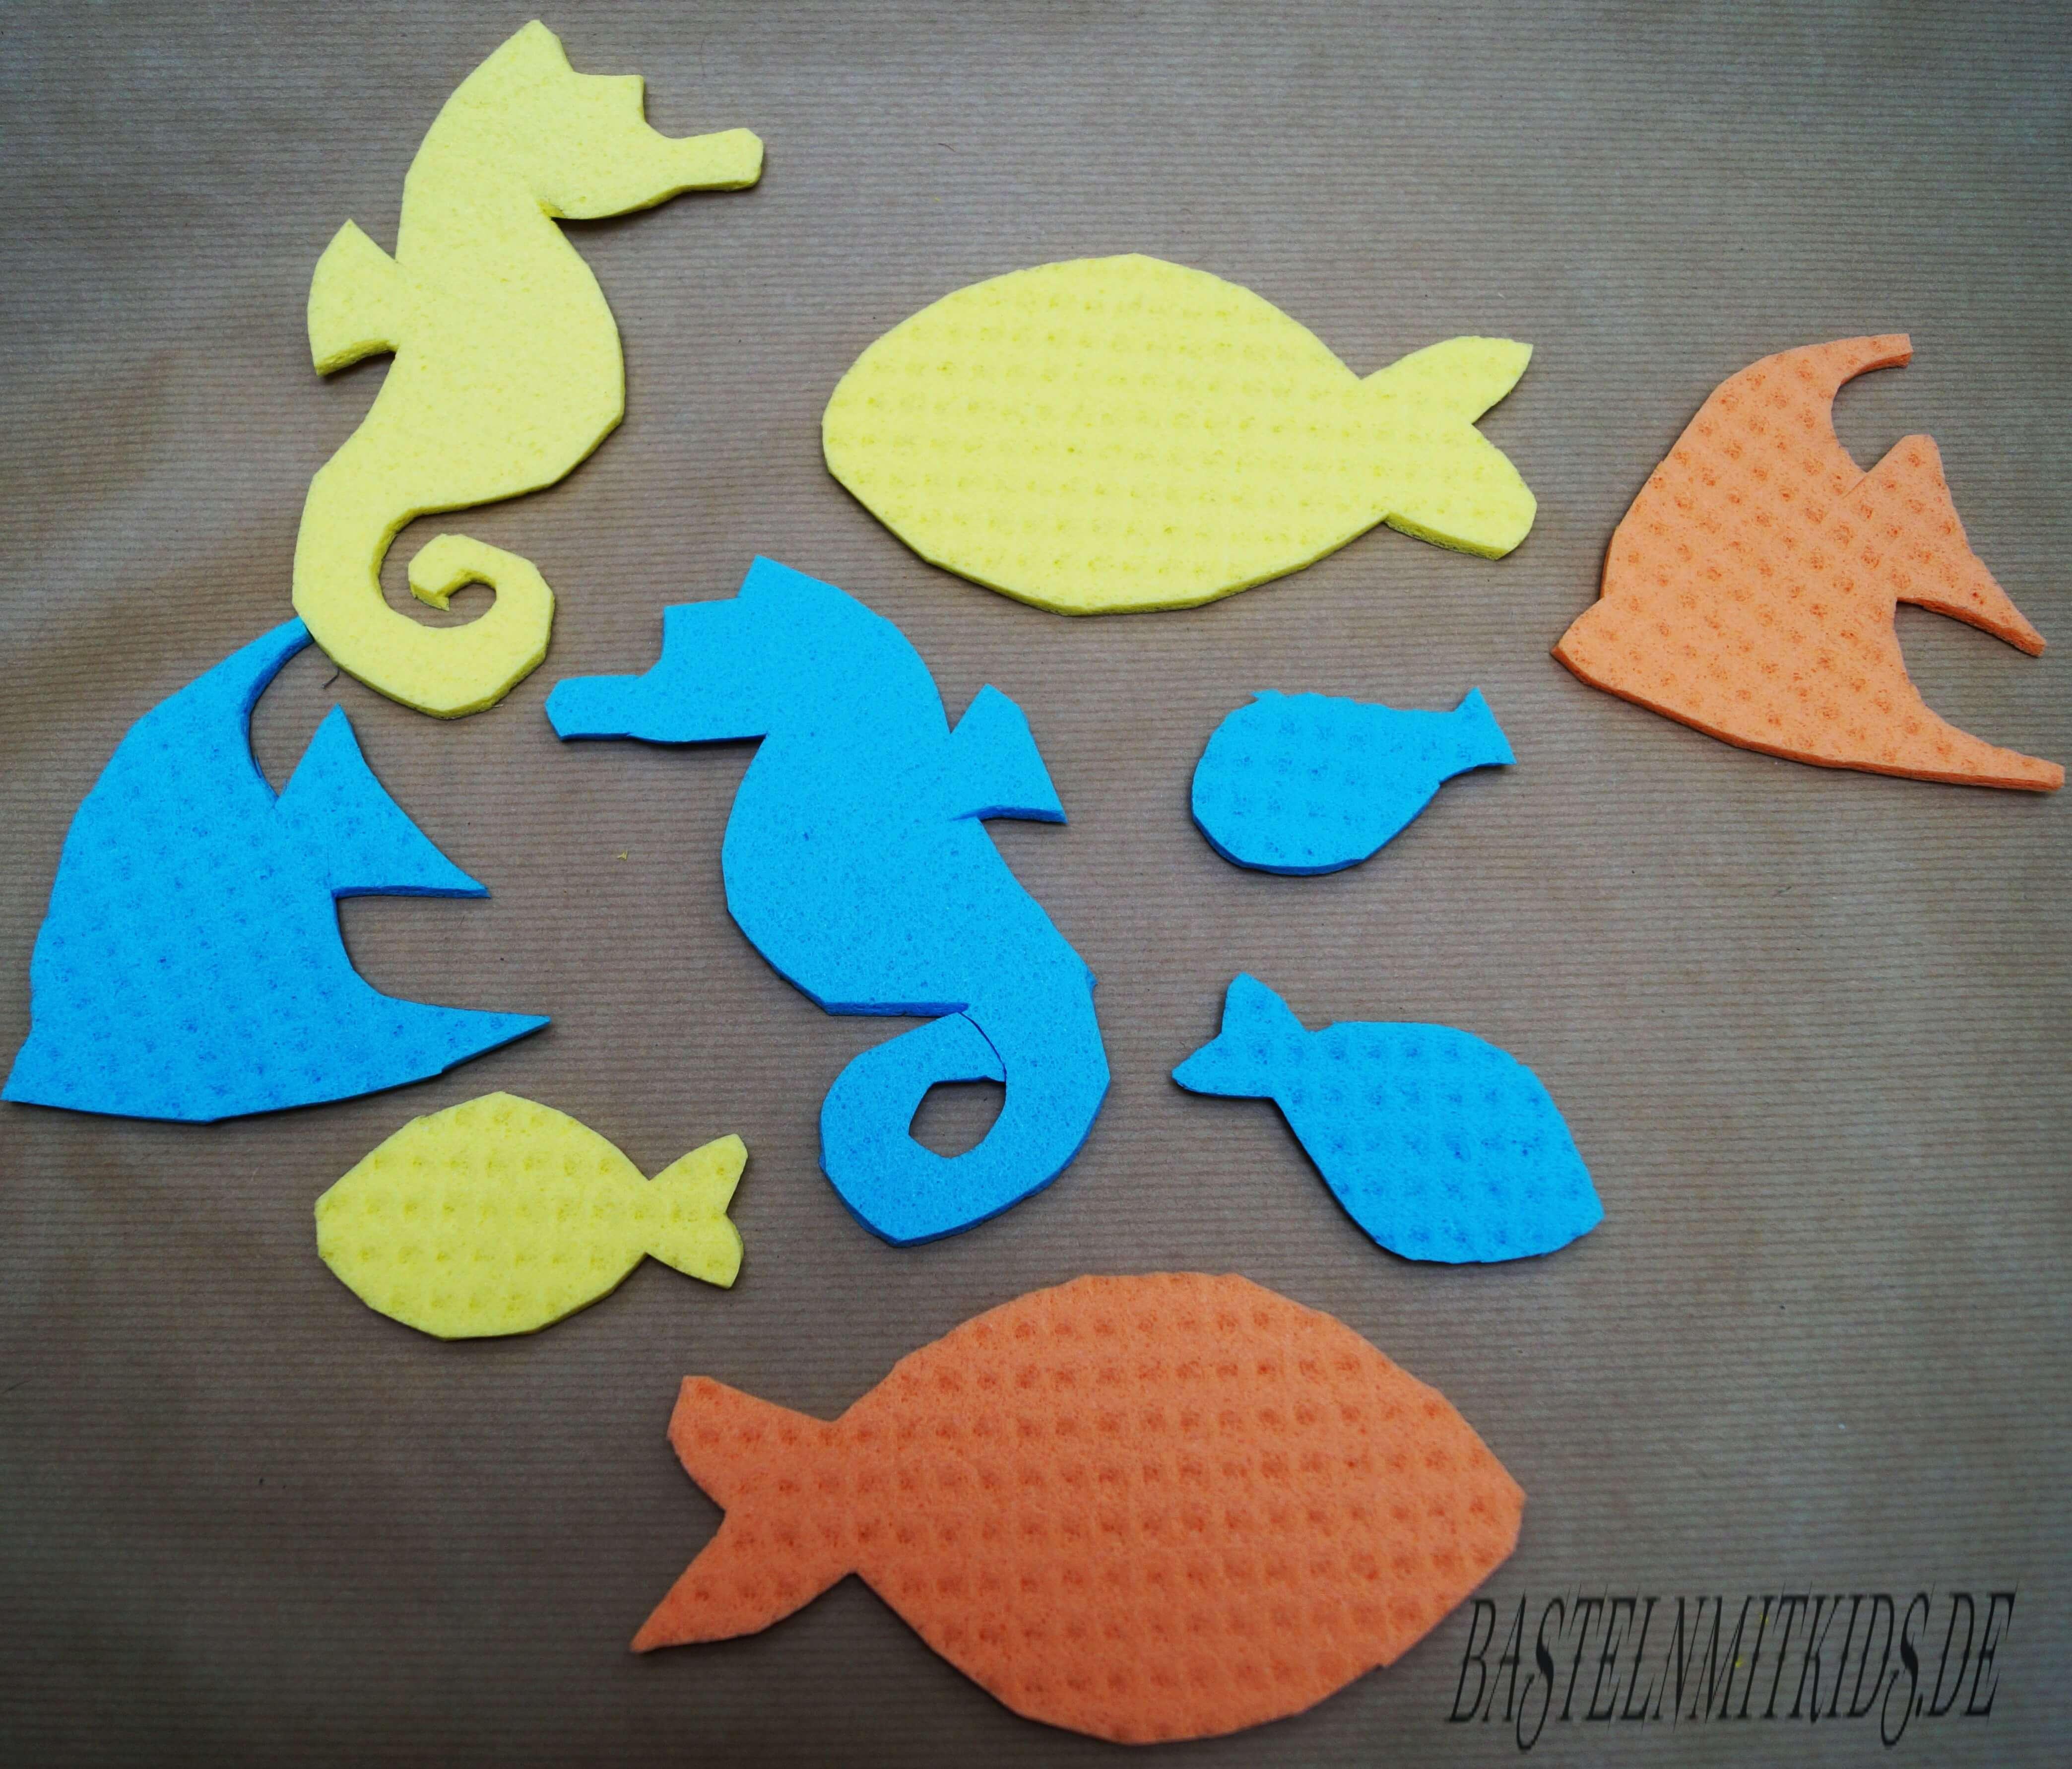 Angelspiele schnapp dir den fisch basteln mit kindern - Fische basteln vorlagen ...